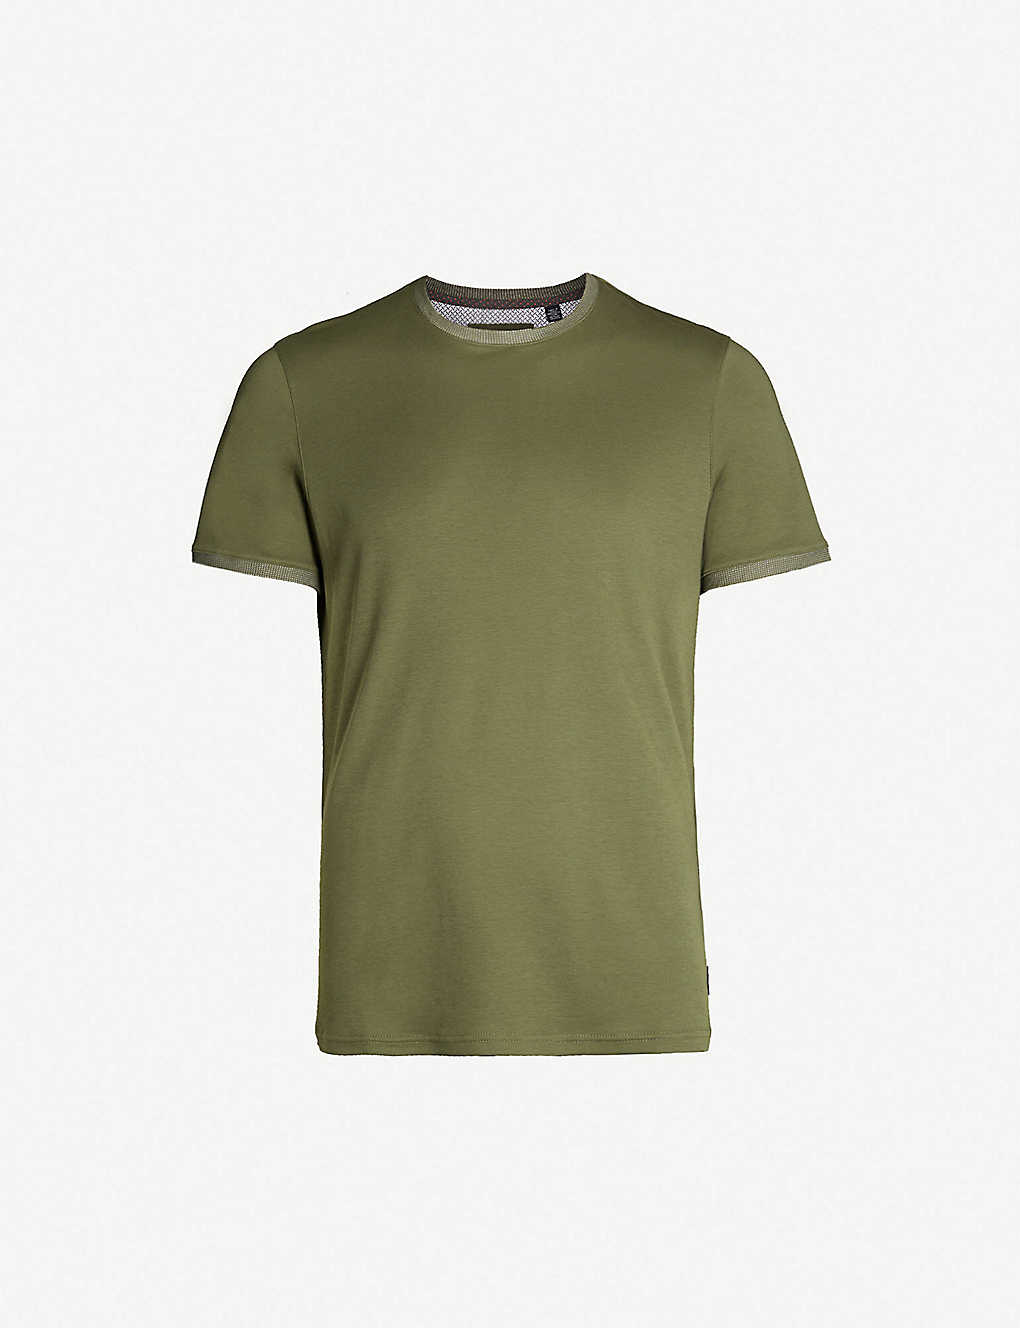 92094c9f0 TED BAKER - Polka-dot embellished cotton T-shirt